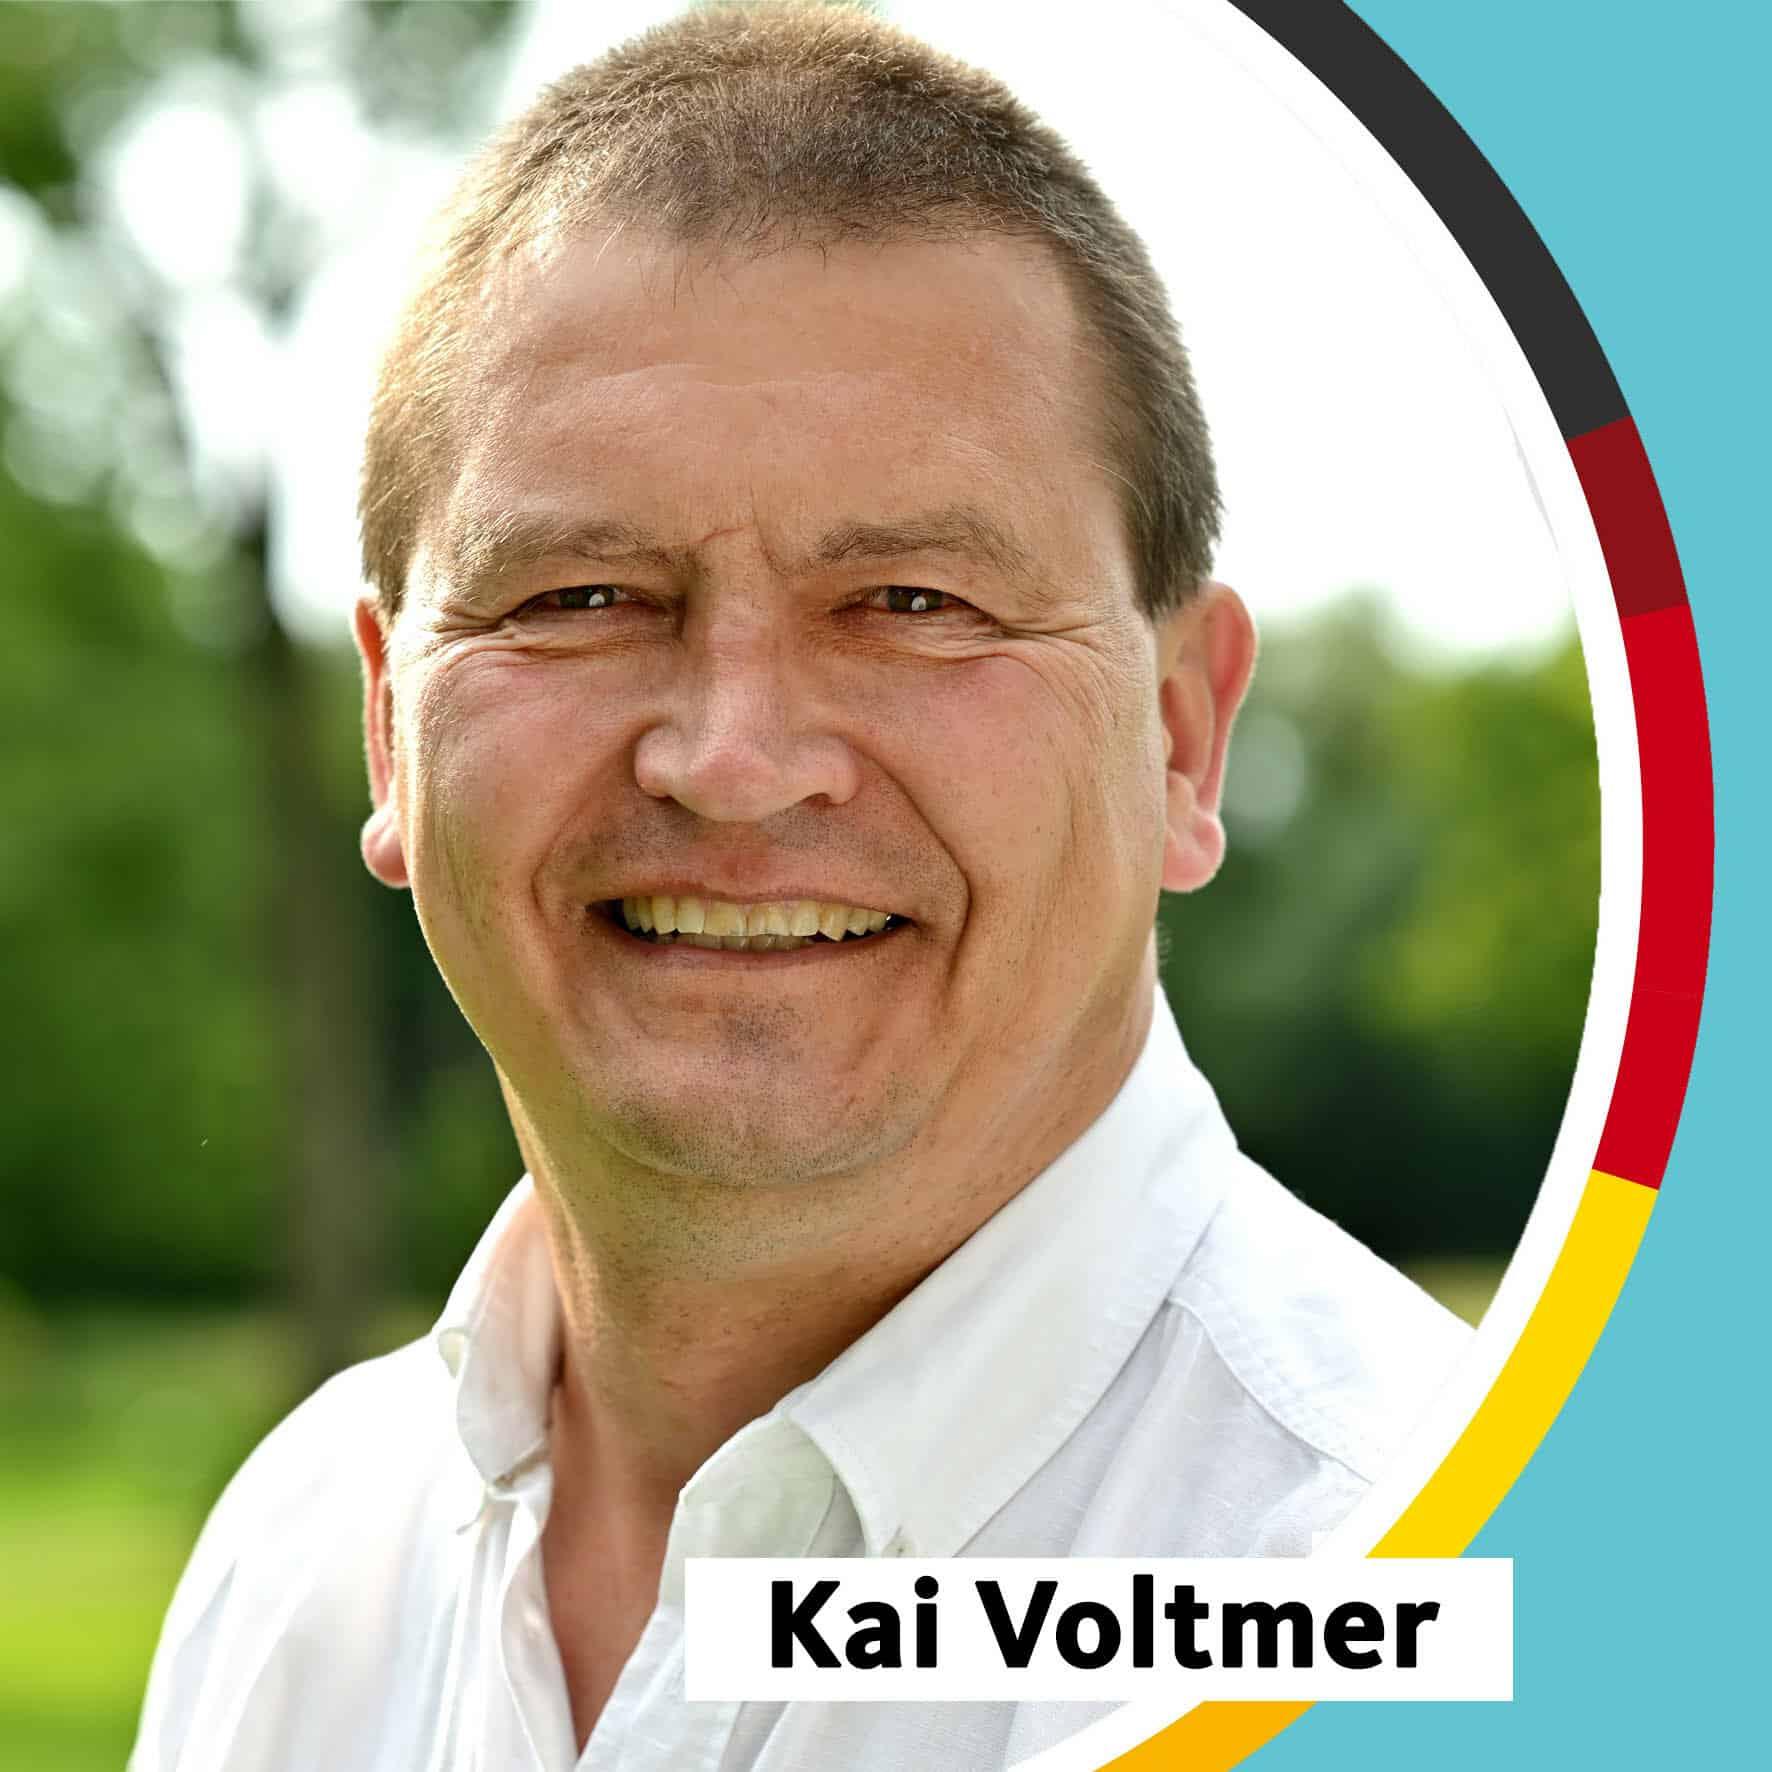 Kai Voltmer FB